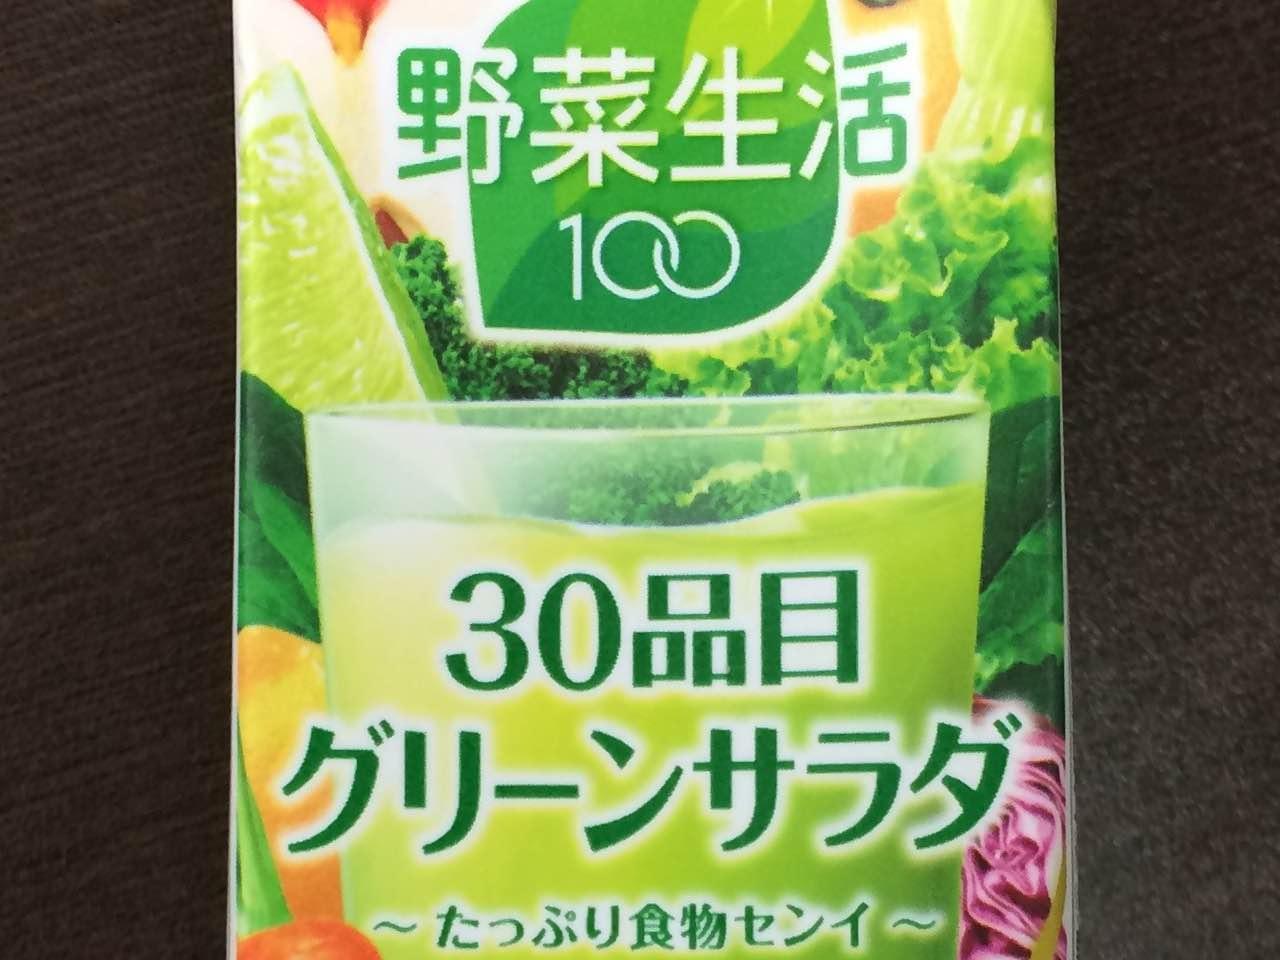 野菜生活100 30品目グリーンサラダ